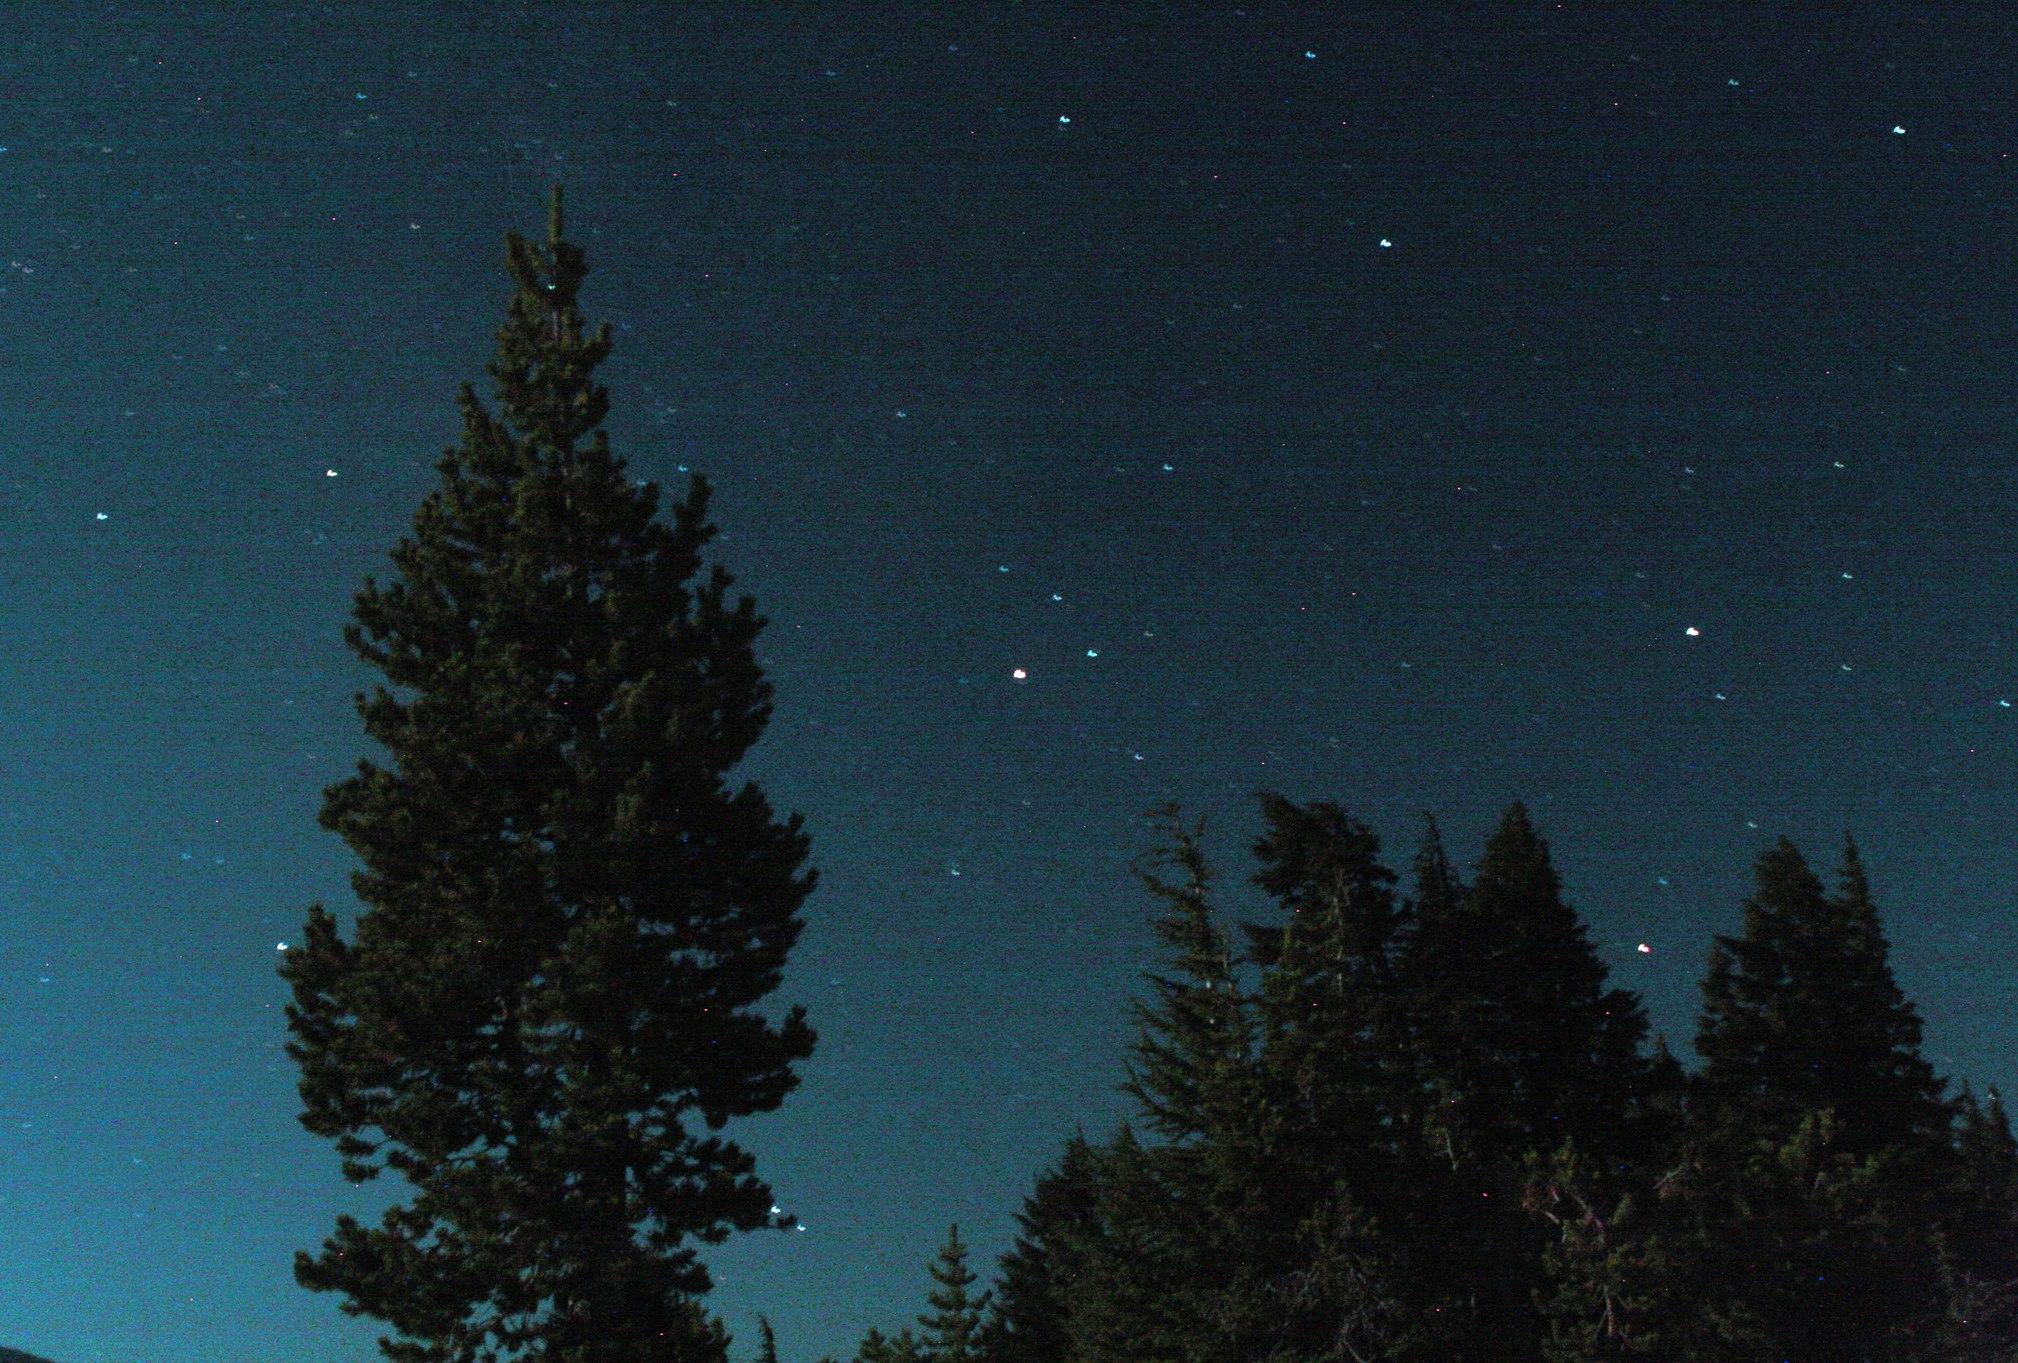 Звёздное небо и космос в картинках - Страница 2 Am8Y3EEUbOM